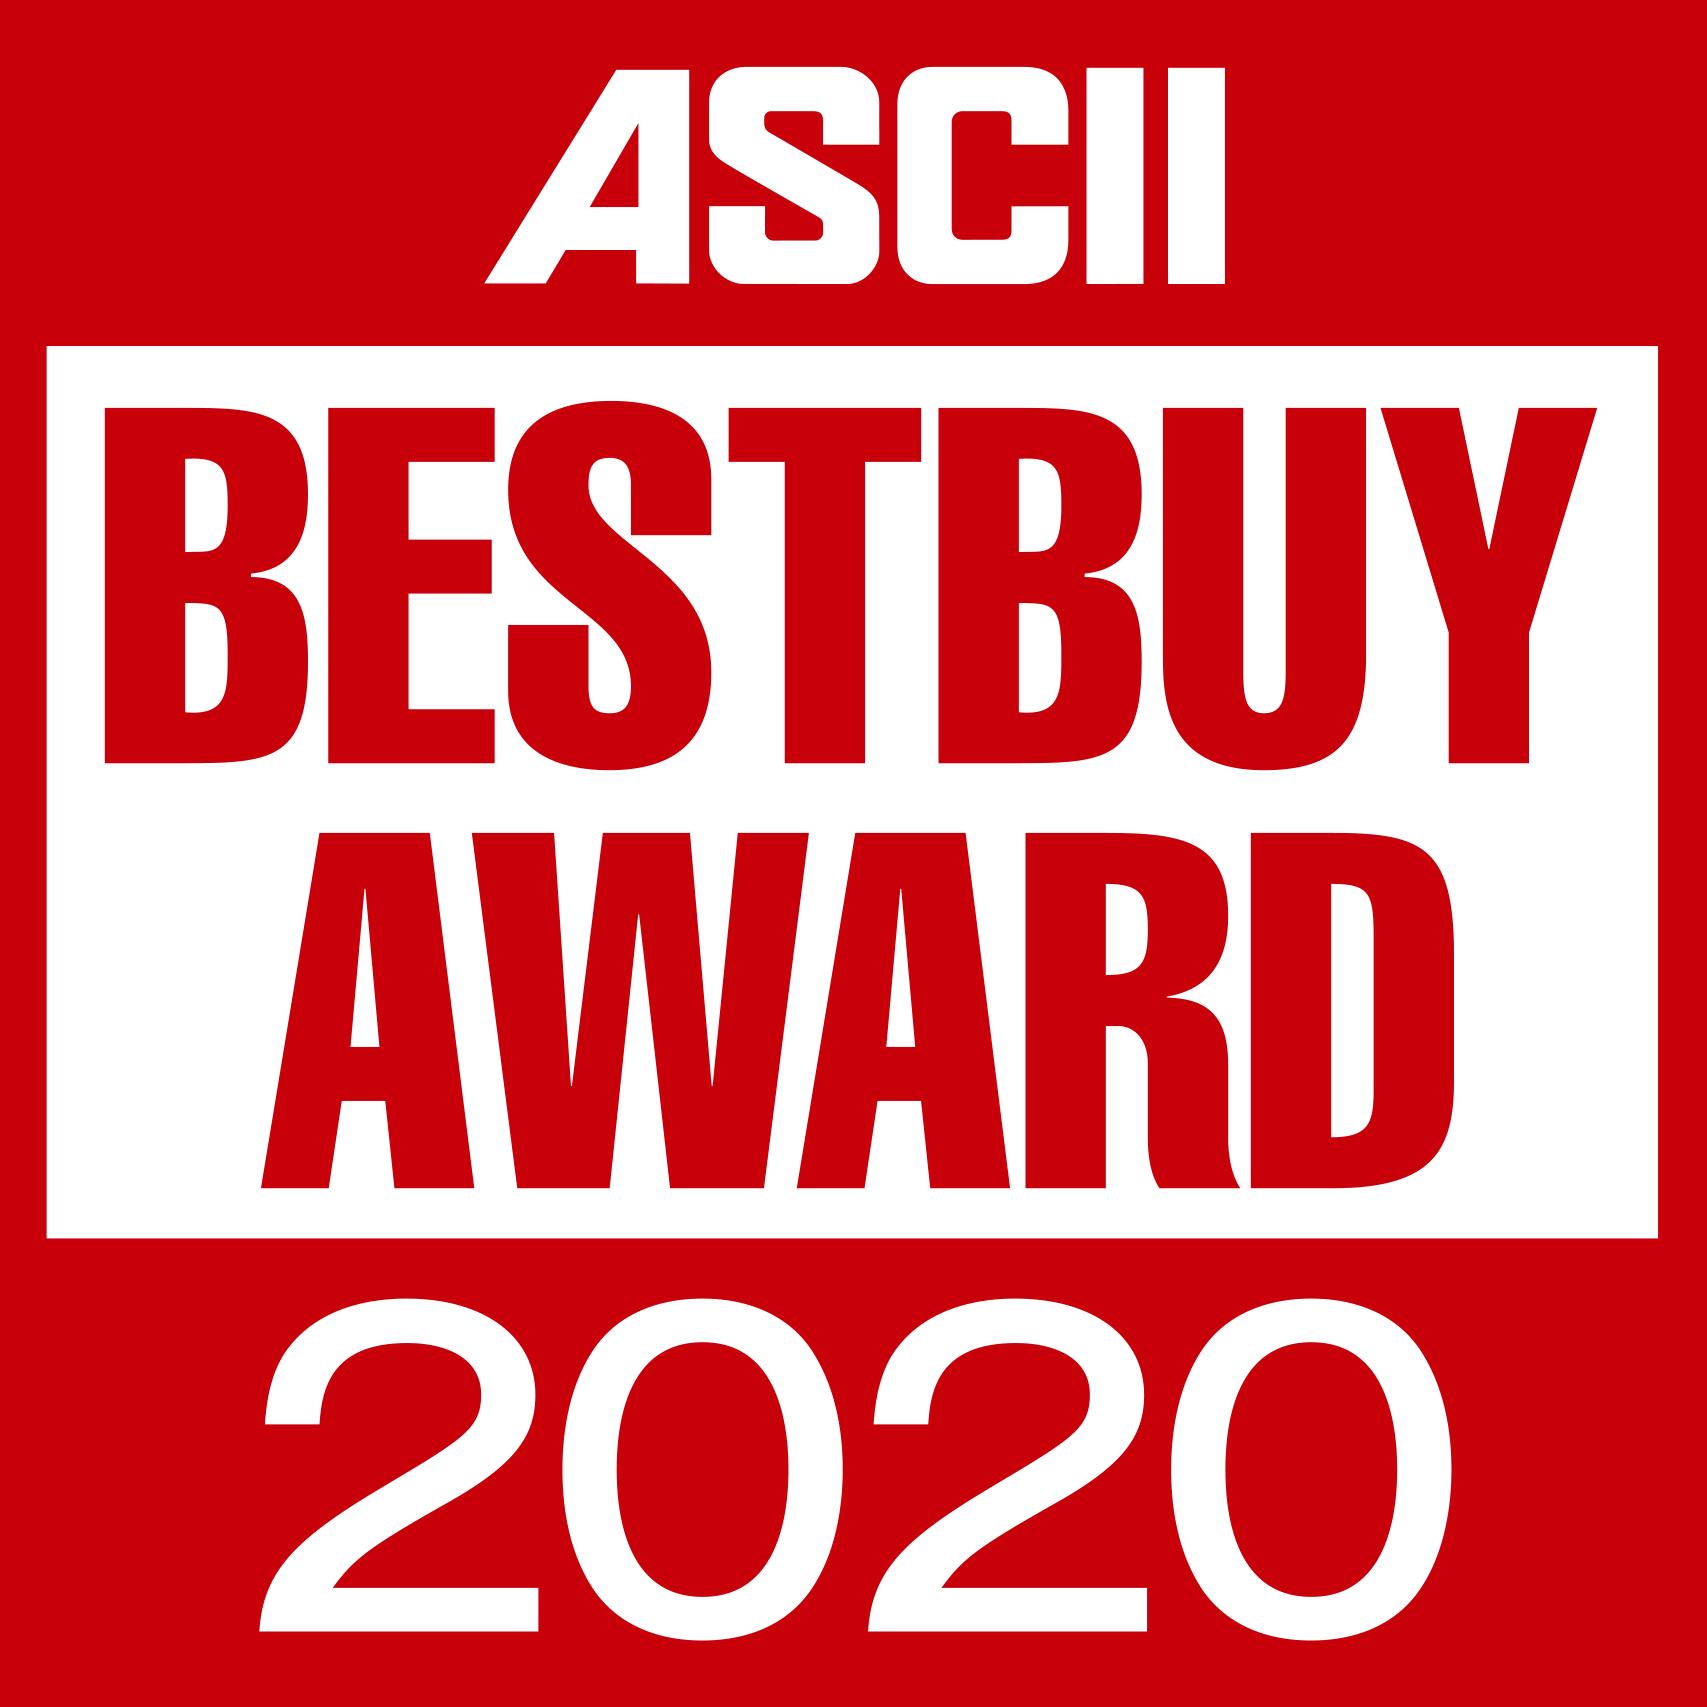 ASCII BESTBUY AWARD 2020